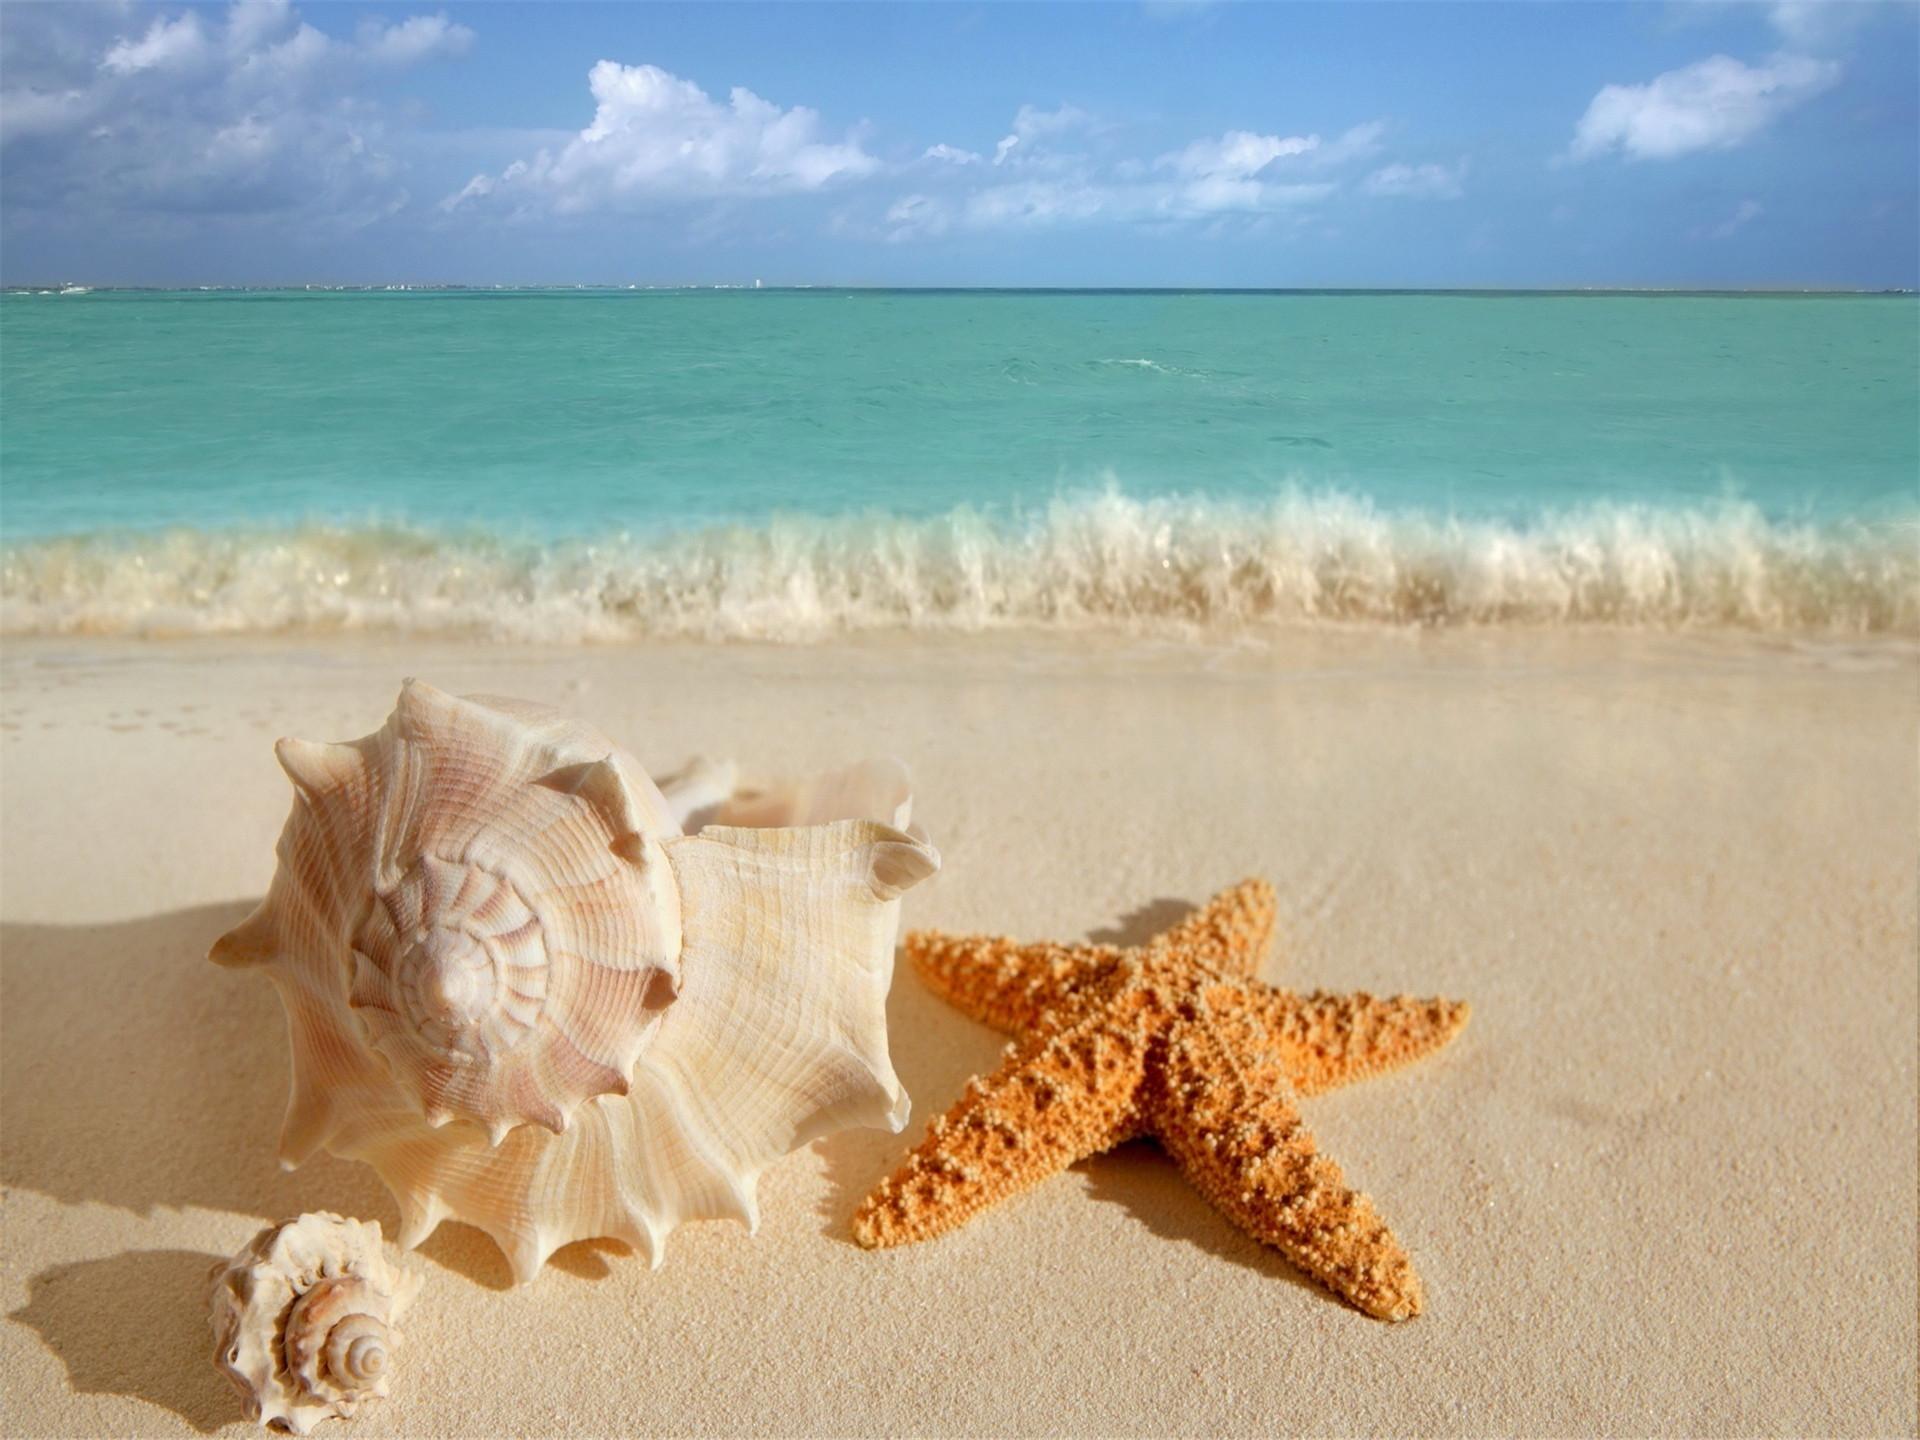 沙滩上的海星贝壳唯美创意摄影ppt背景图片下载